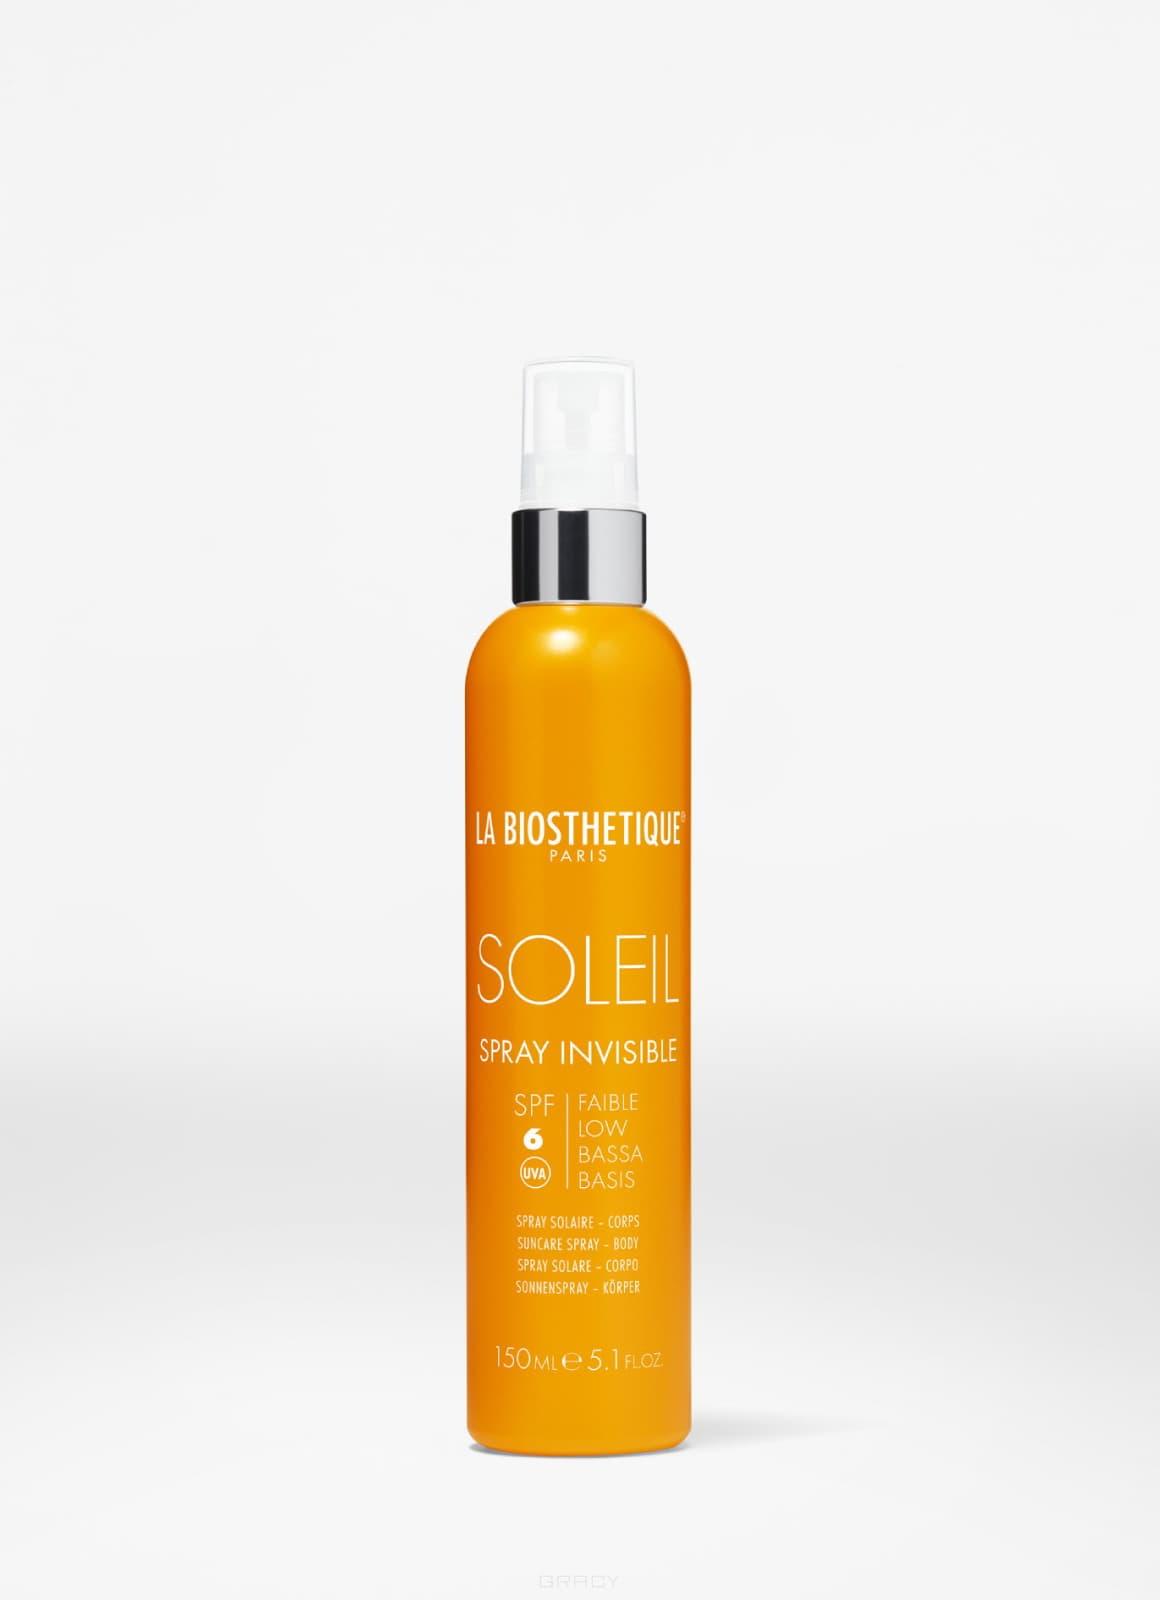 Купить La Biosthetique, Водостойкоий солнцезащитный спрей с SPF 6 для базовой защиты Methode Soleil Spray Invisible SPF 6 Corps, 150 мл